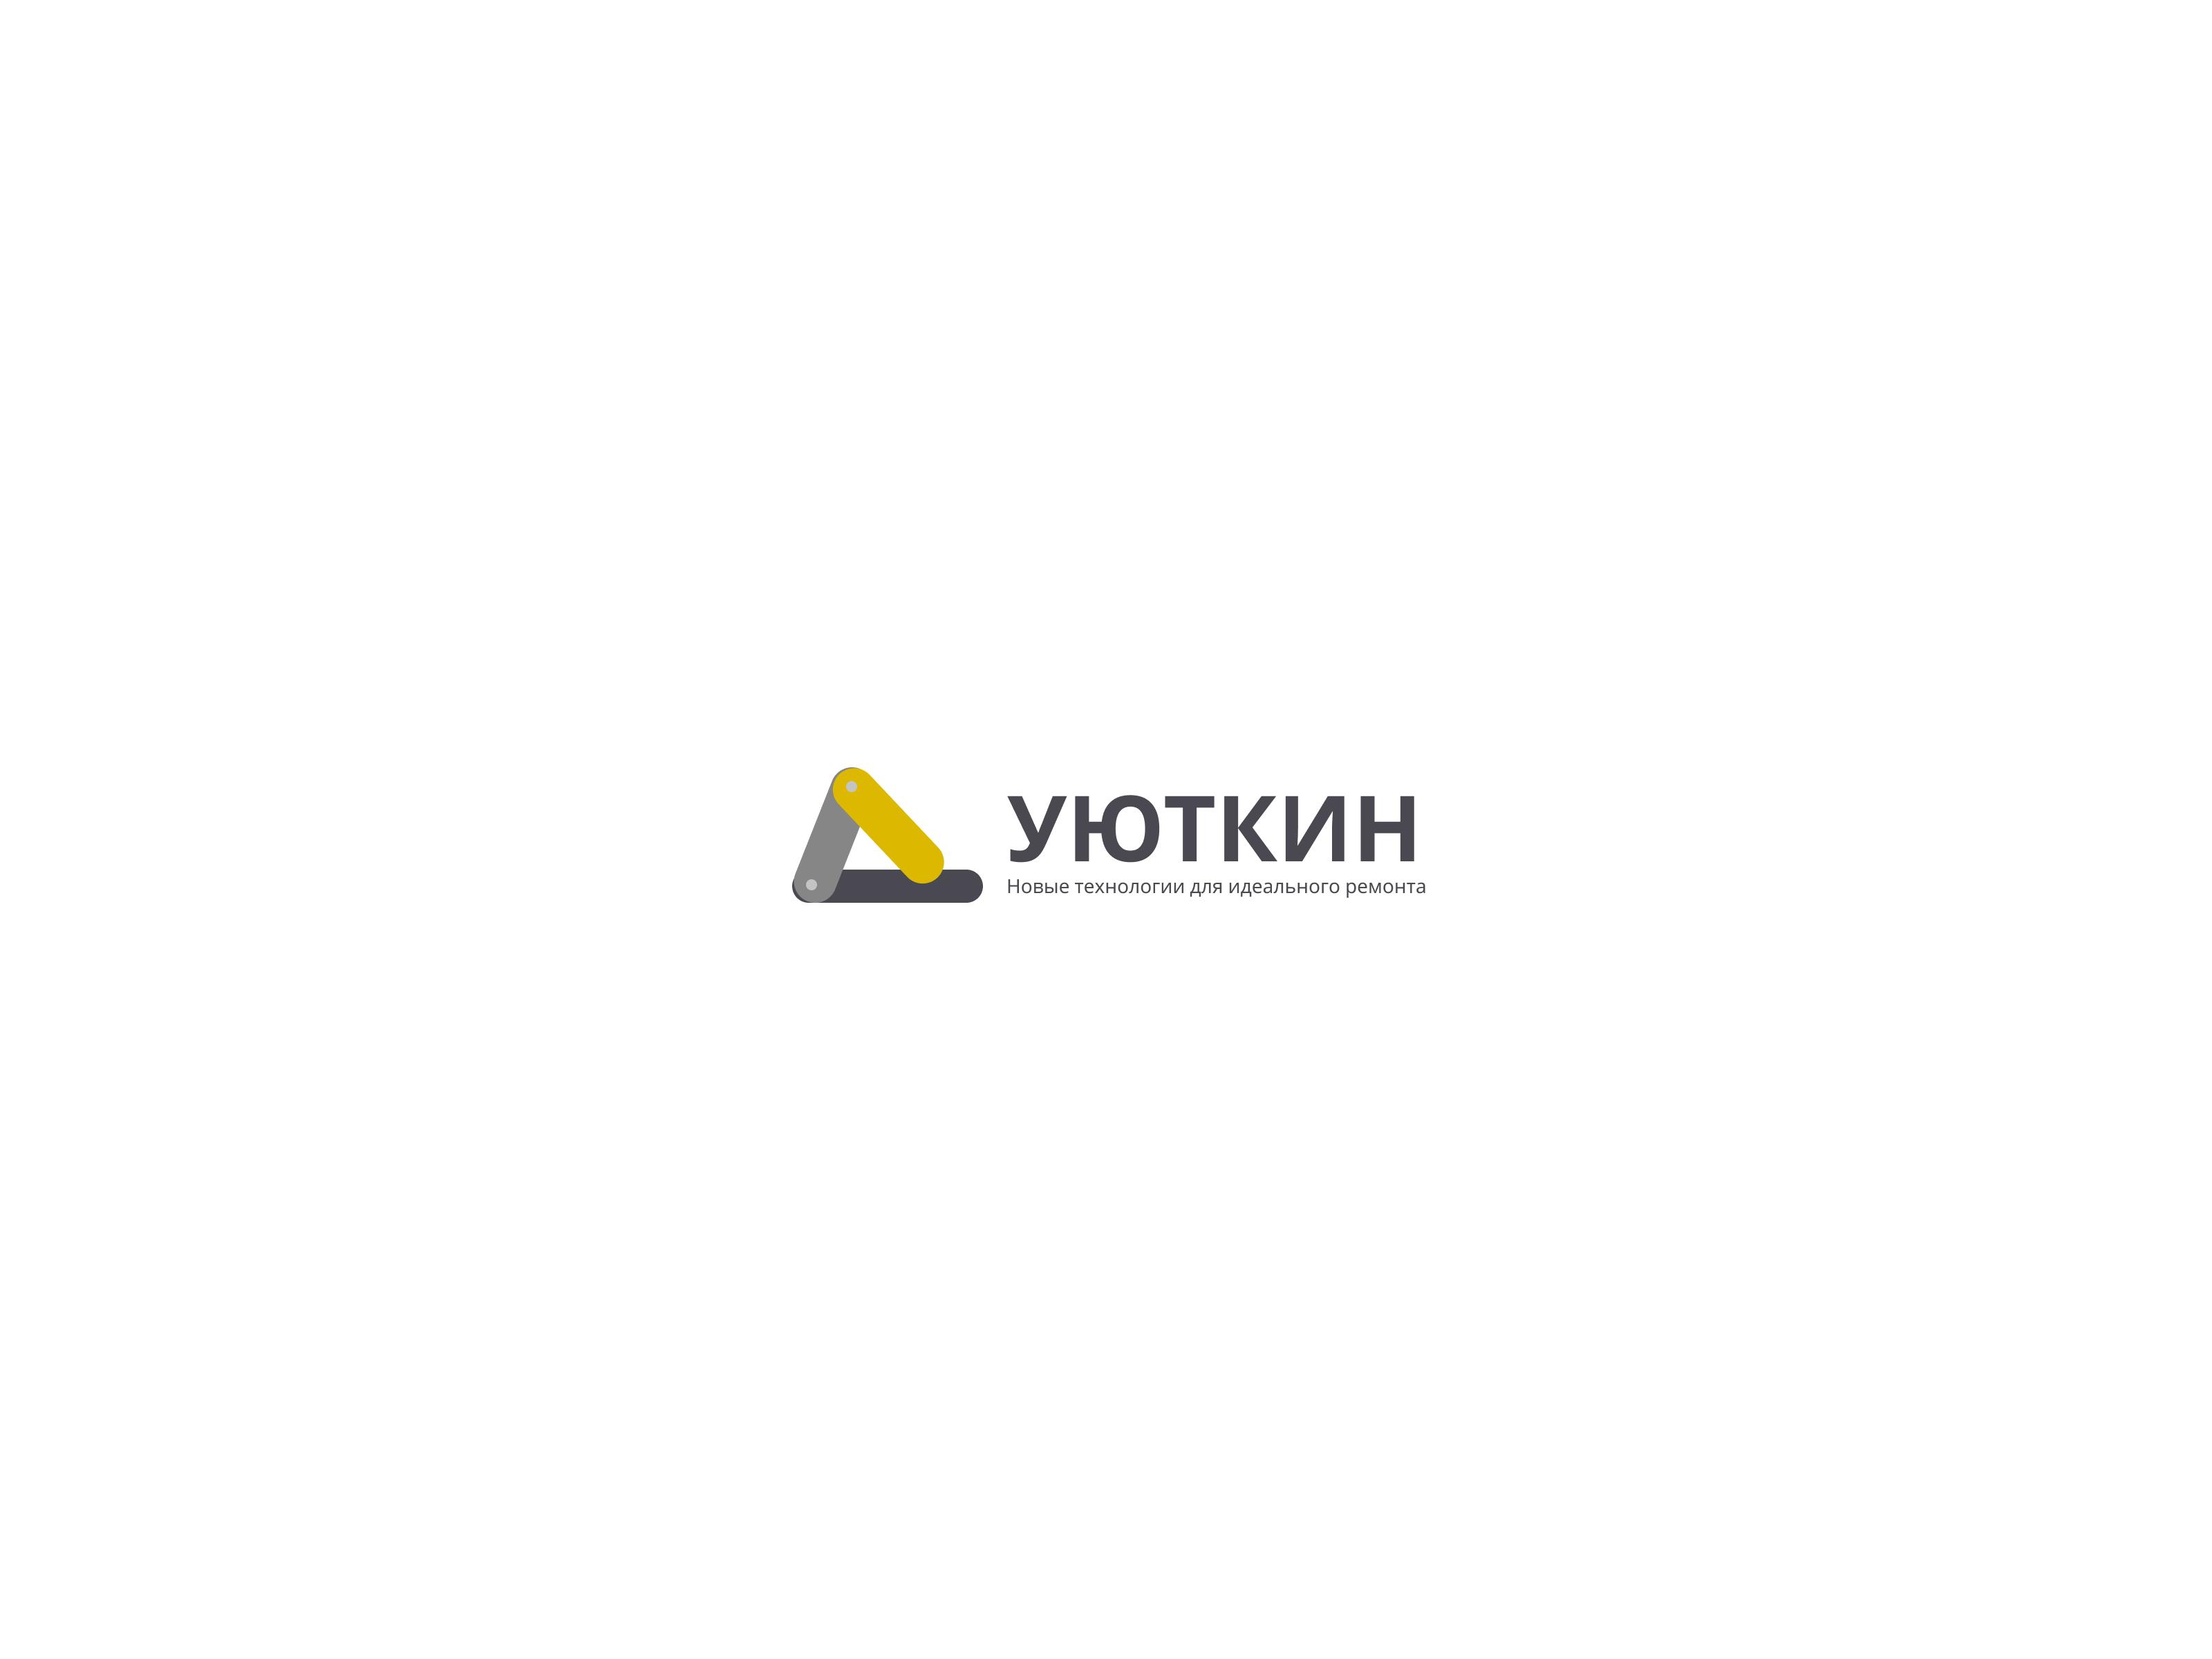 Создание логотипа и стиля сайта фото f_6245c62971b8ccbc.png